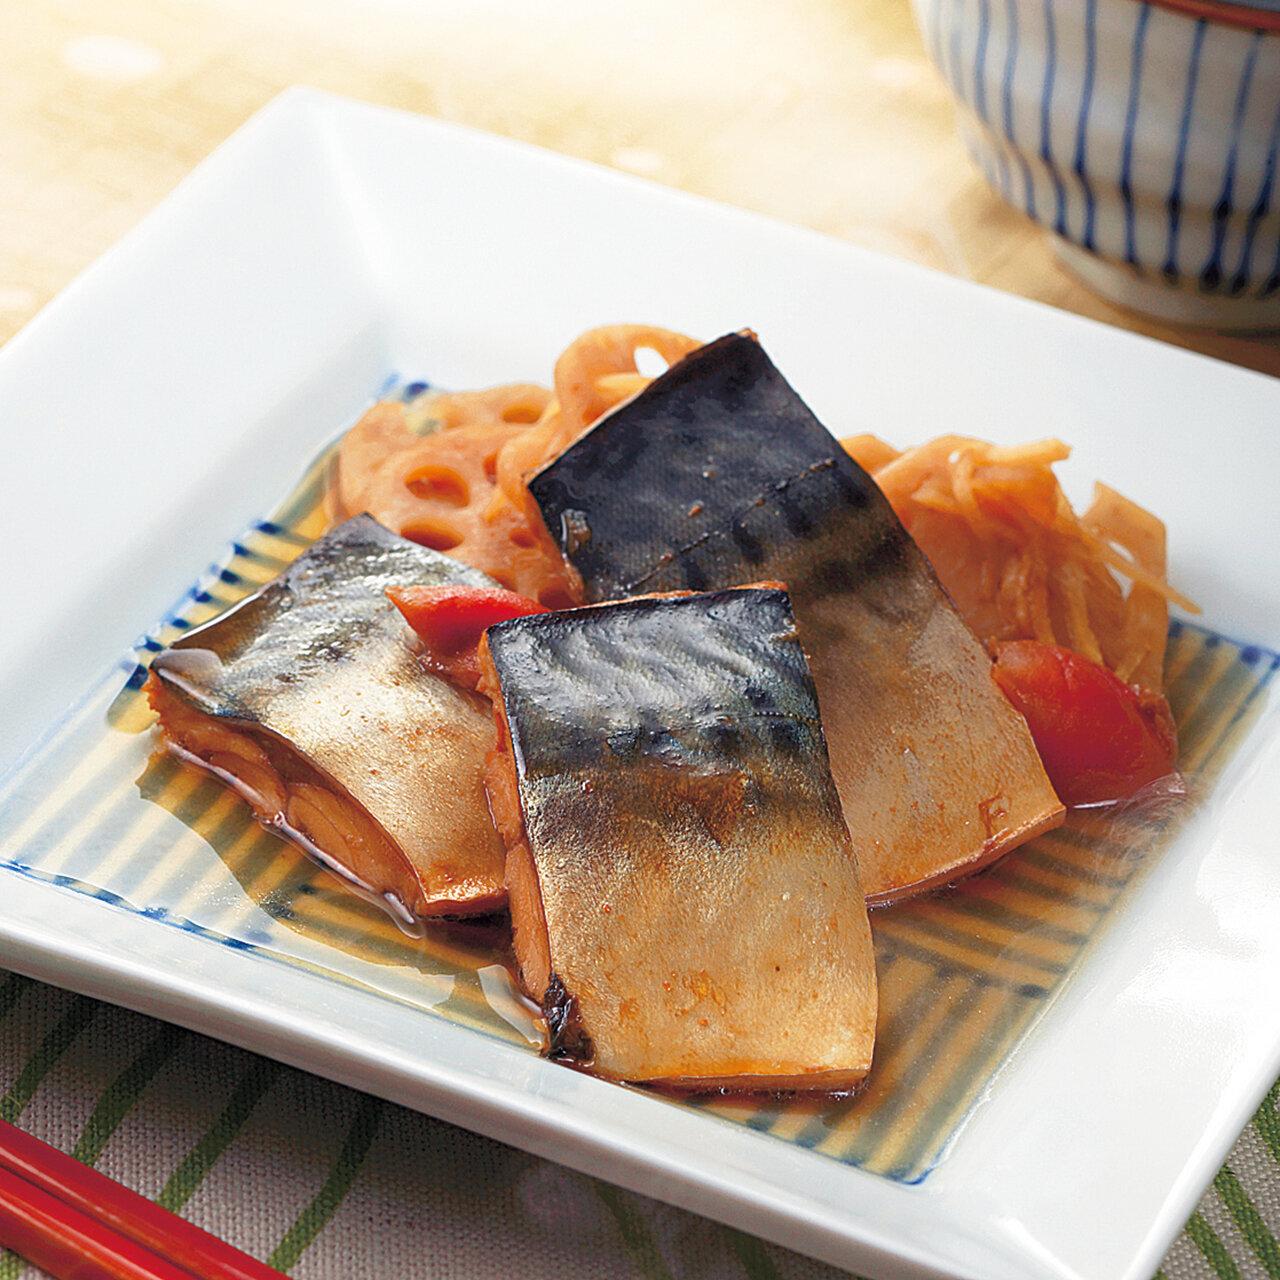 鯖とれんこんの梅干煮